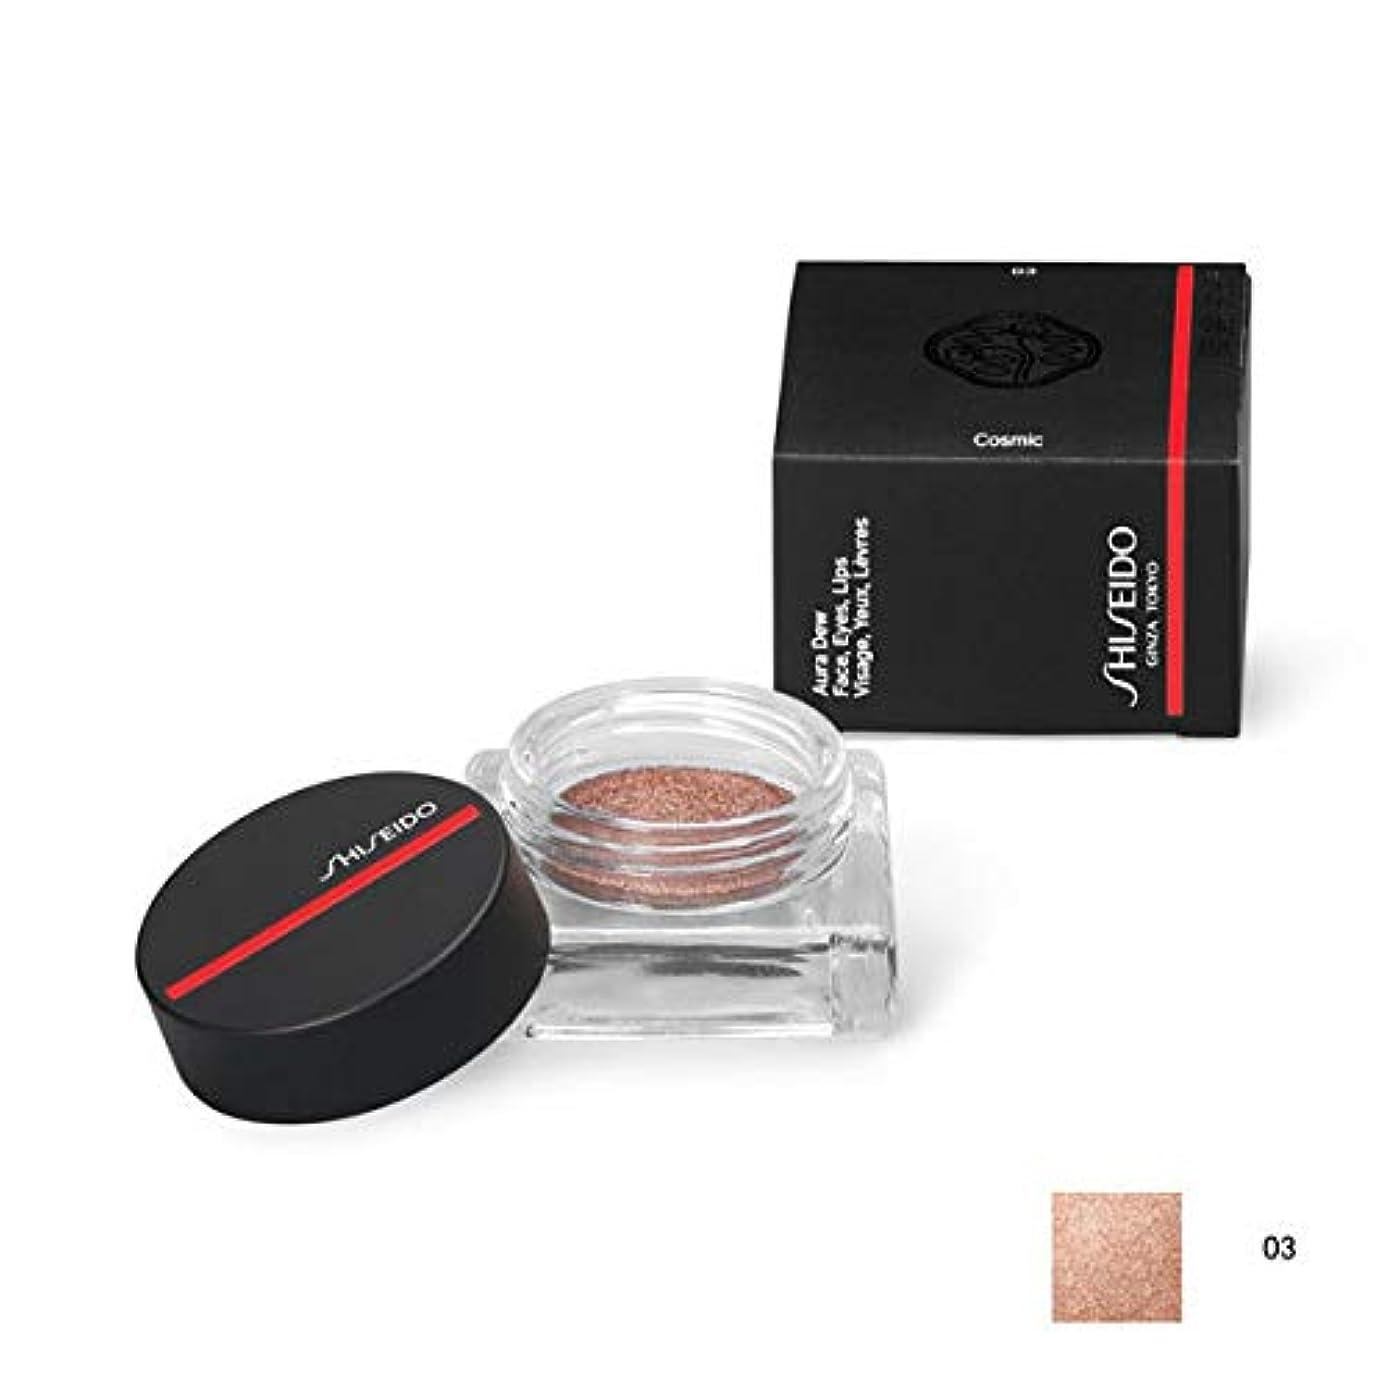 トラクター郊外おとこSHISEIDO Makeup(資生堂 メーキャップ) SHISEIDO(資生堂) SHISEIDO オーラデュウ プリズム 4.8g (03)